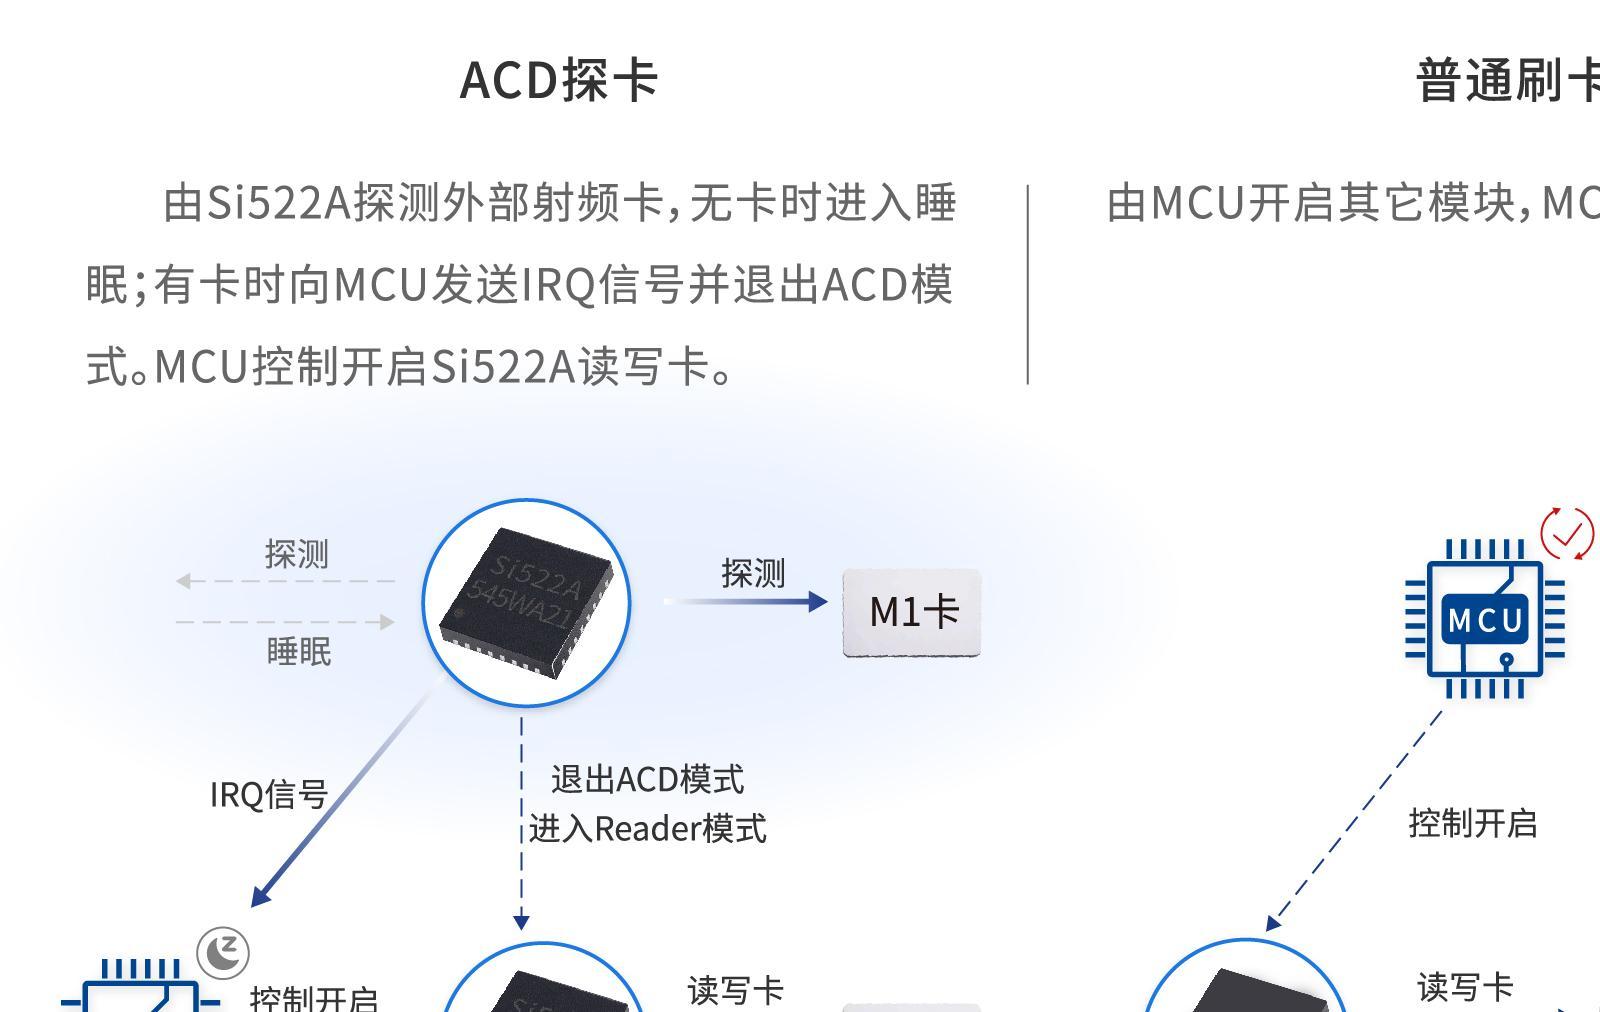 超低功耗智能門鎖整體待機功耗<10uA_Si522A/523/512-超低功耗自動載波偵測功能(ACD功能)13.56MHz芯片